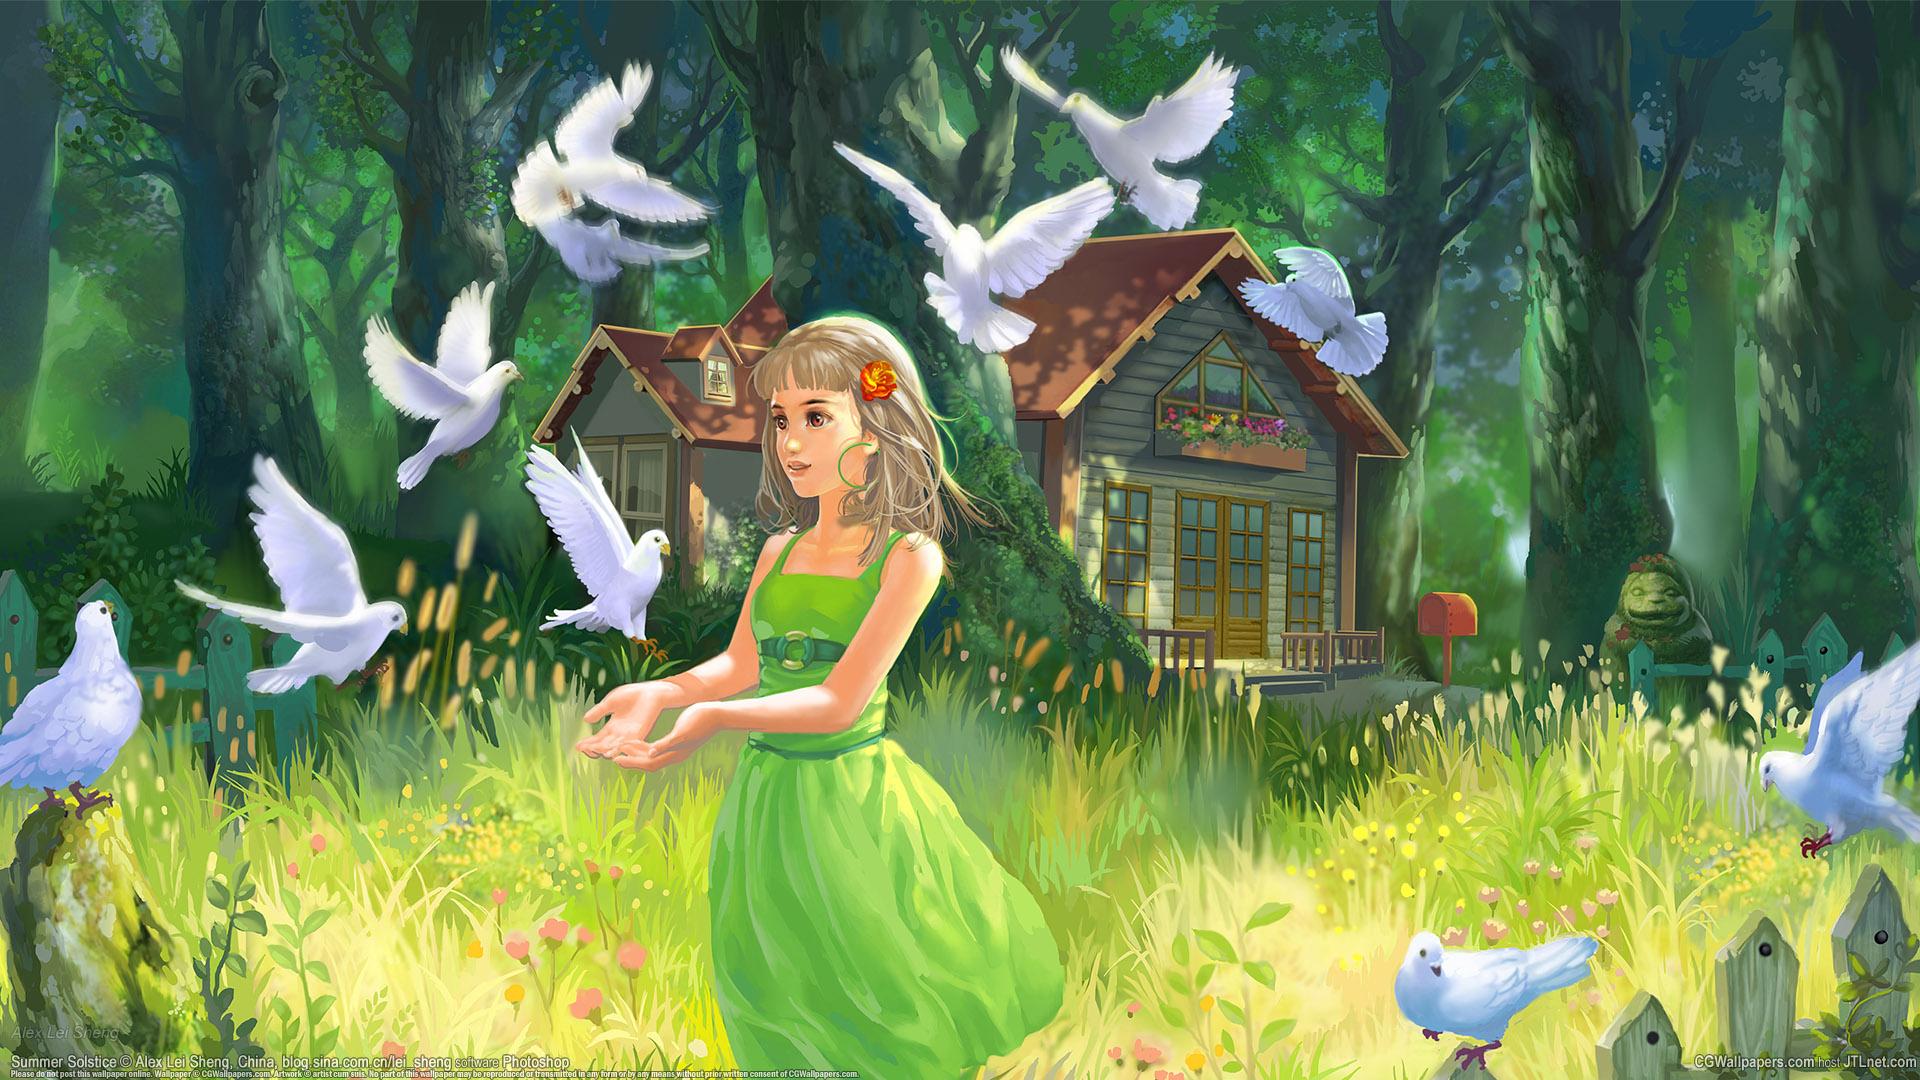 Племяннику, открытки пожеланиями доброго утра с голубями